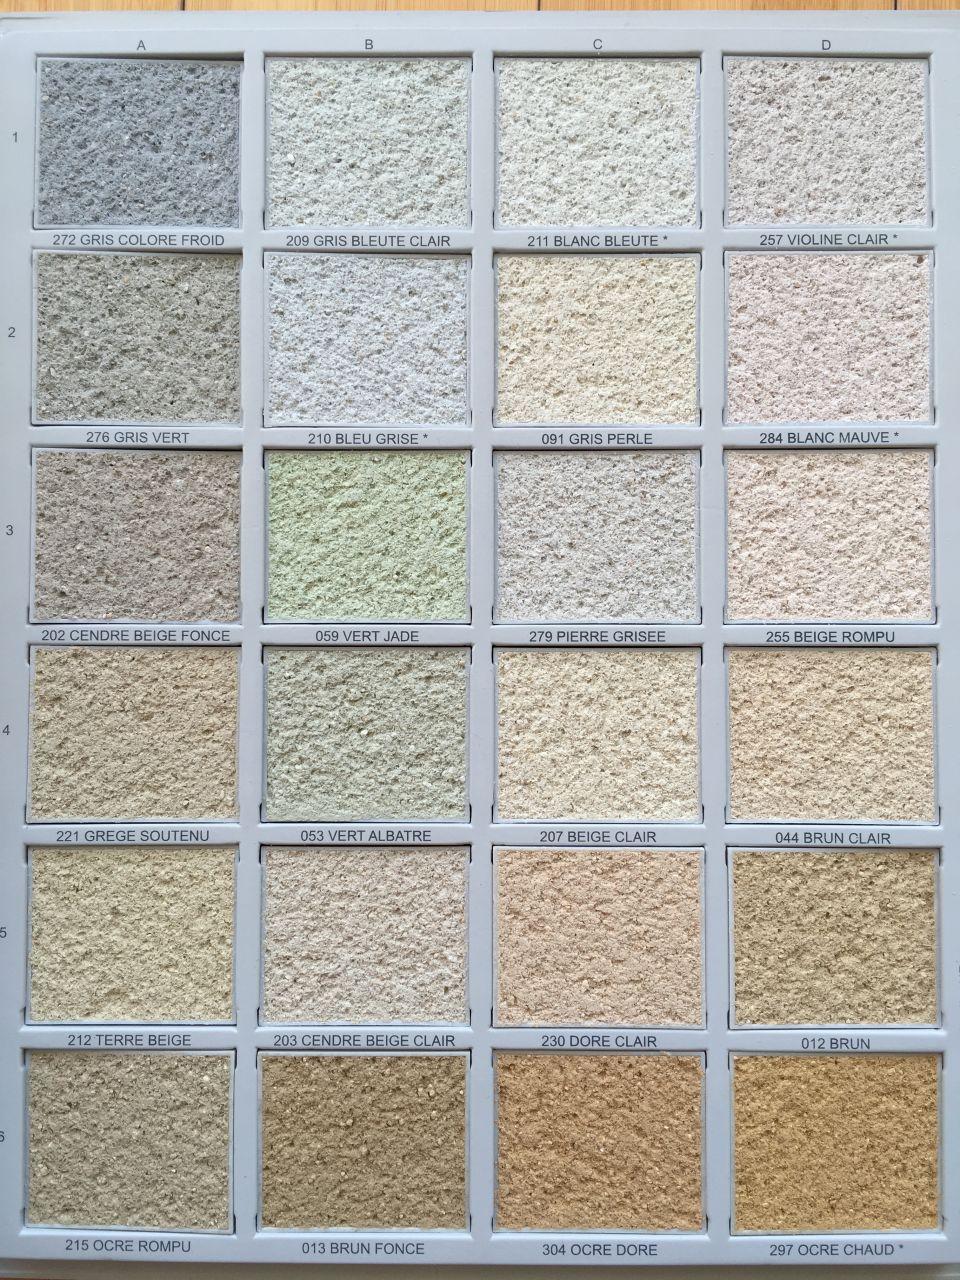 enduirama aide pour choisir la couleur de votre enduit 589 messages page 39. Black Bedroom Furniture Sets. Home Design Ideas